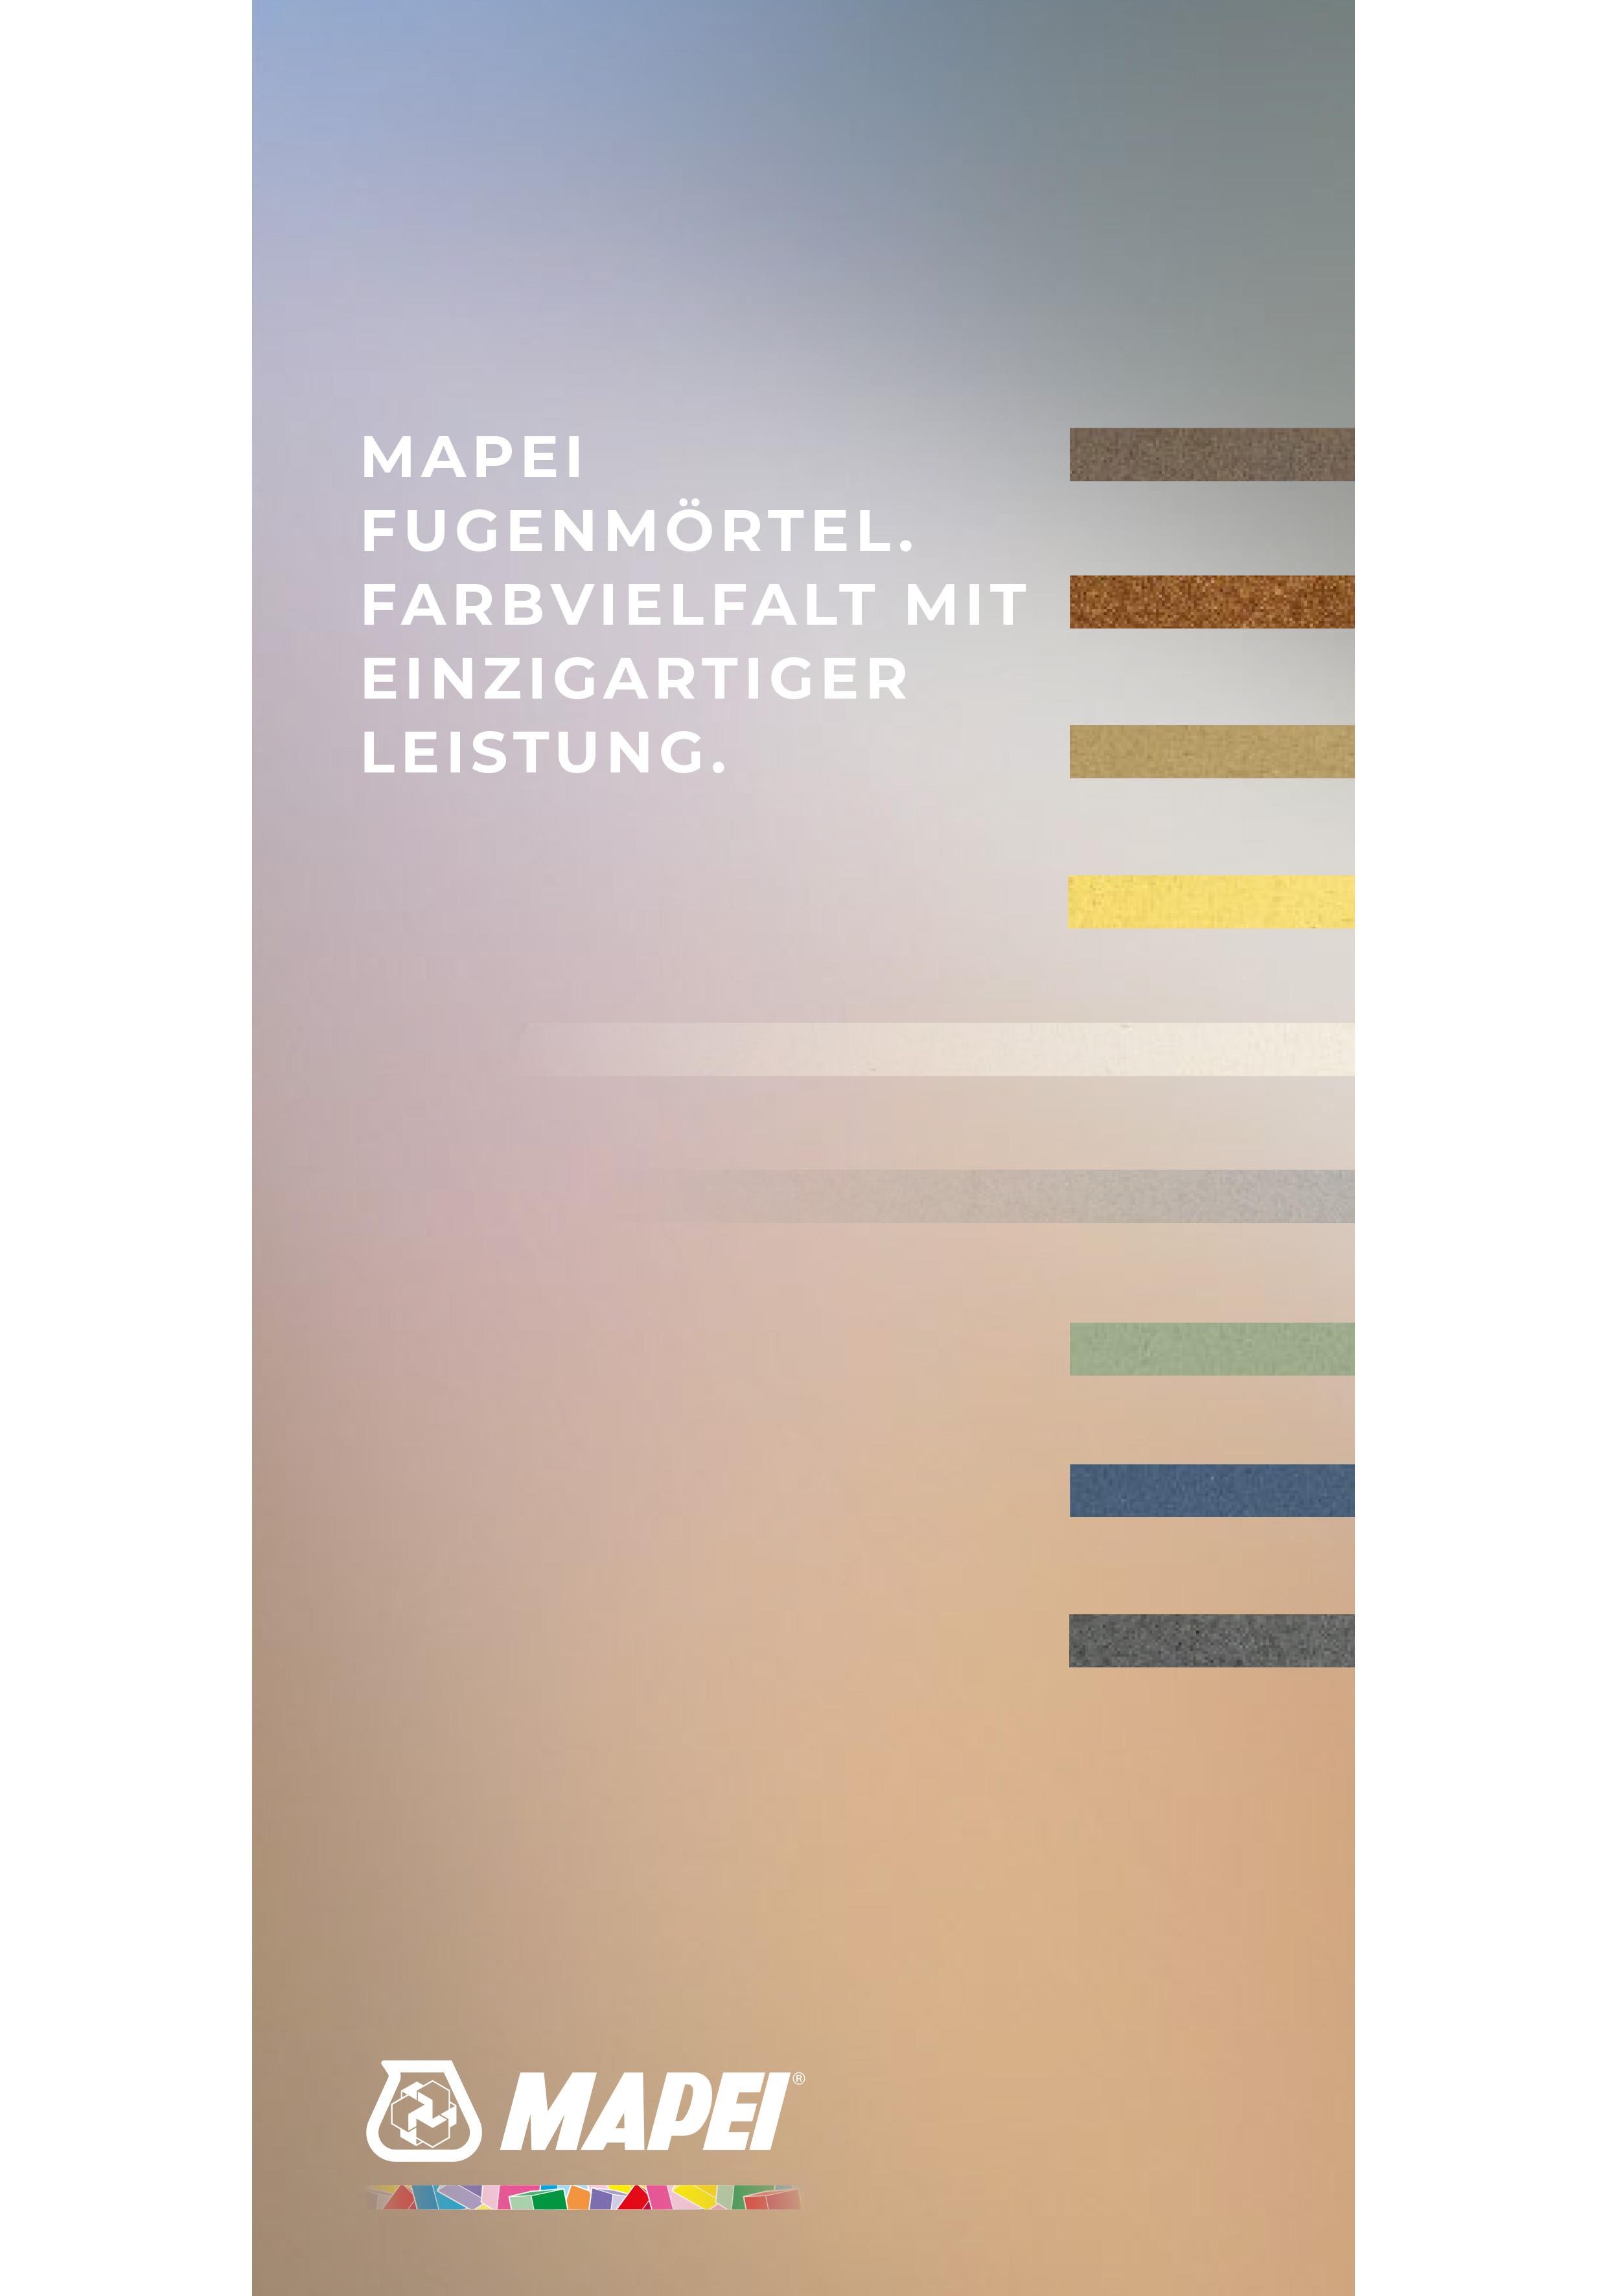 MAPEI Fugenmörtel Leaflet – Farbvielfalt mit einzigartiger Leistung